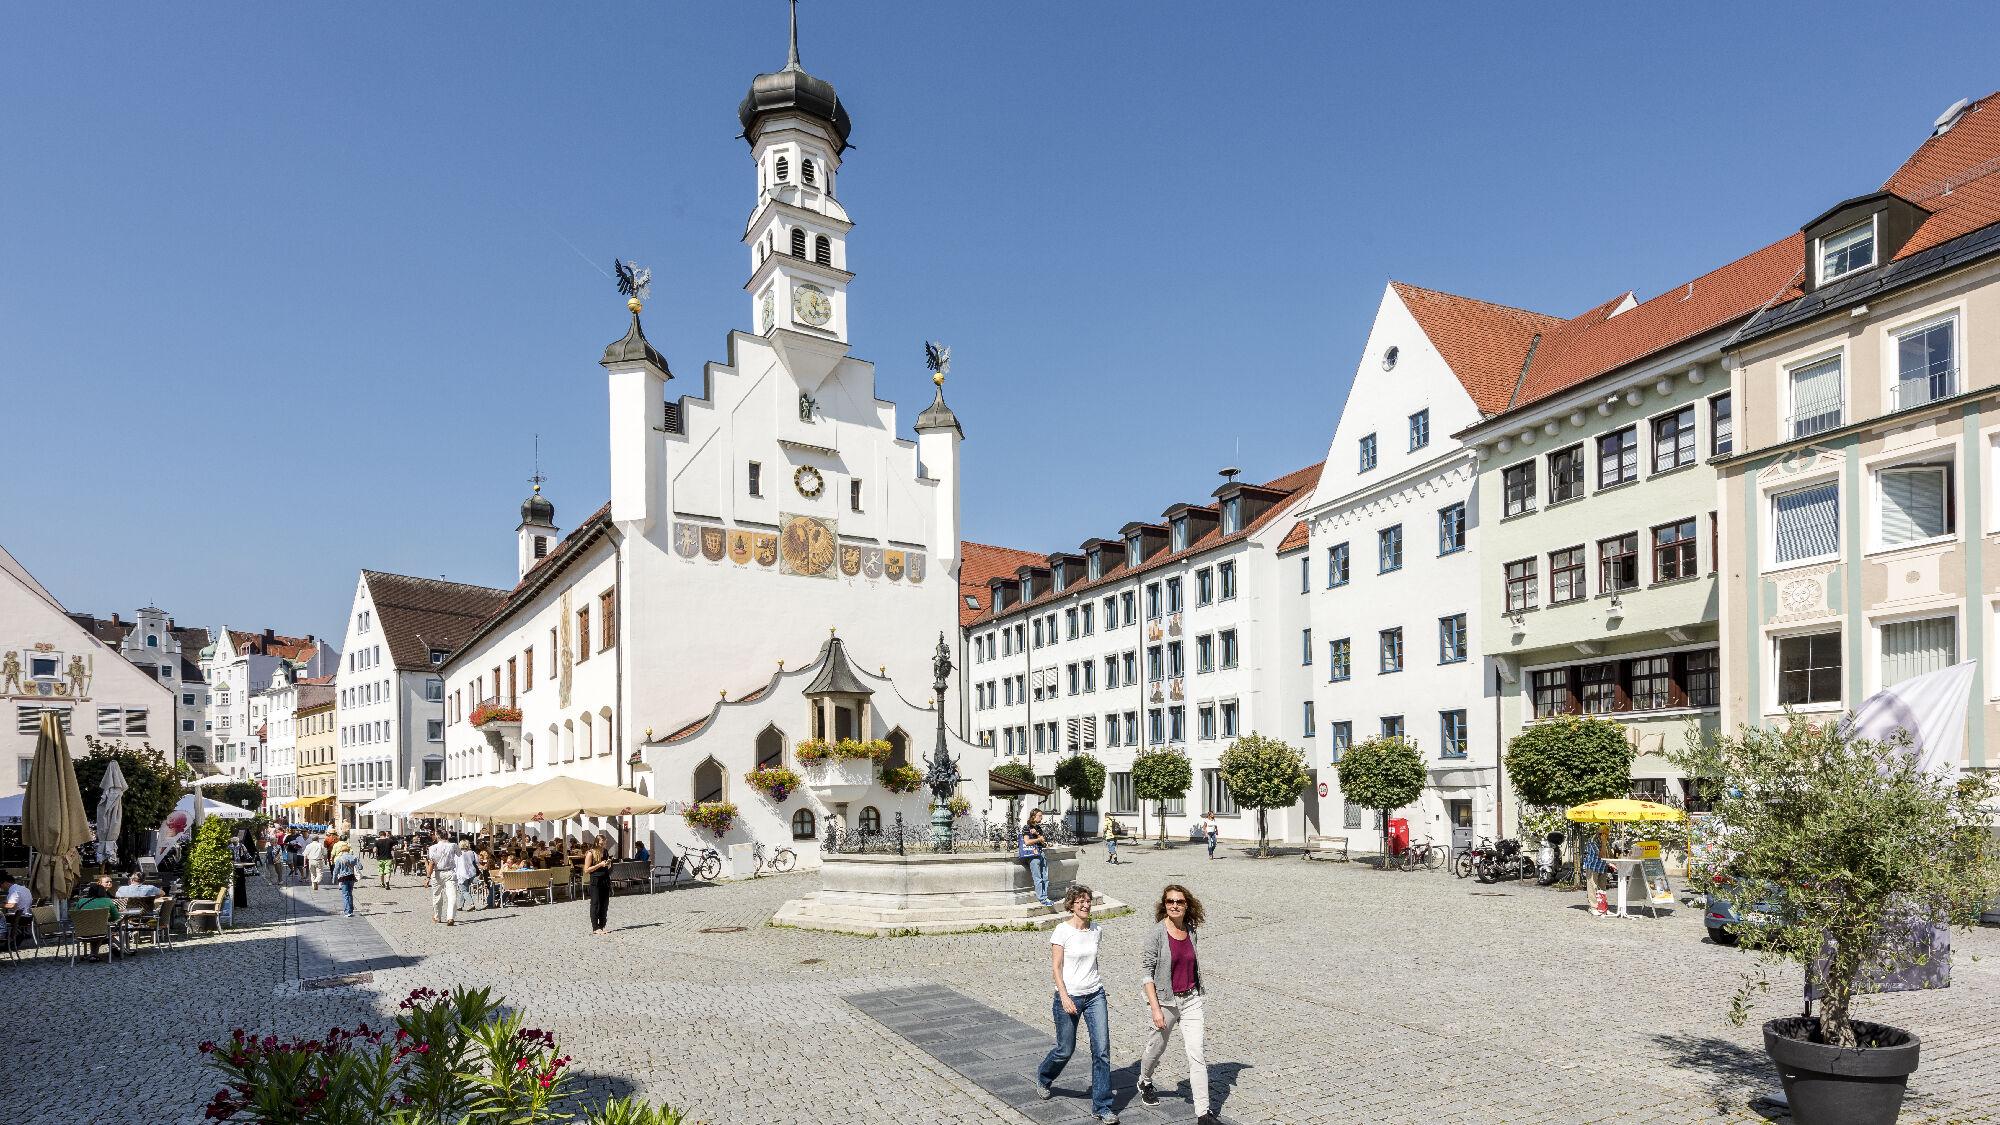 Blick auf das Rathaus und den Rathausplatz Kempten